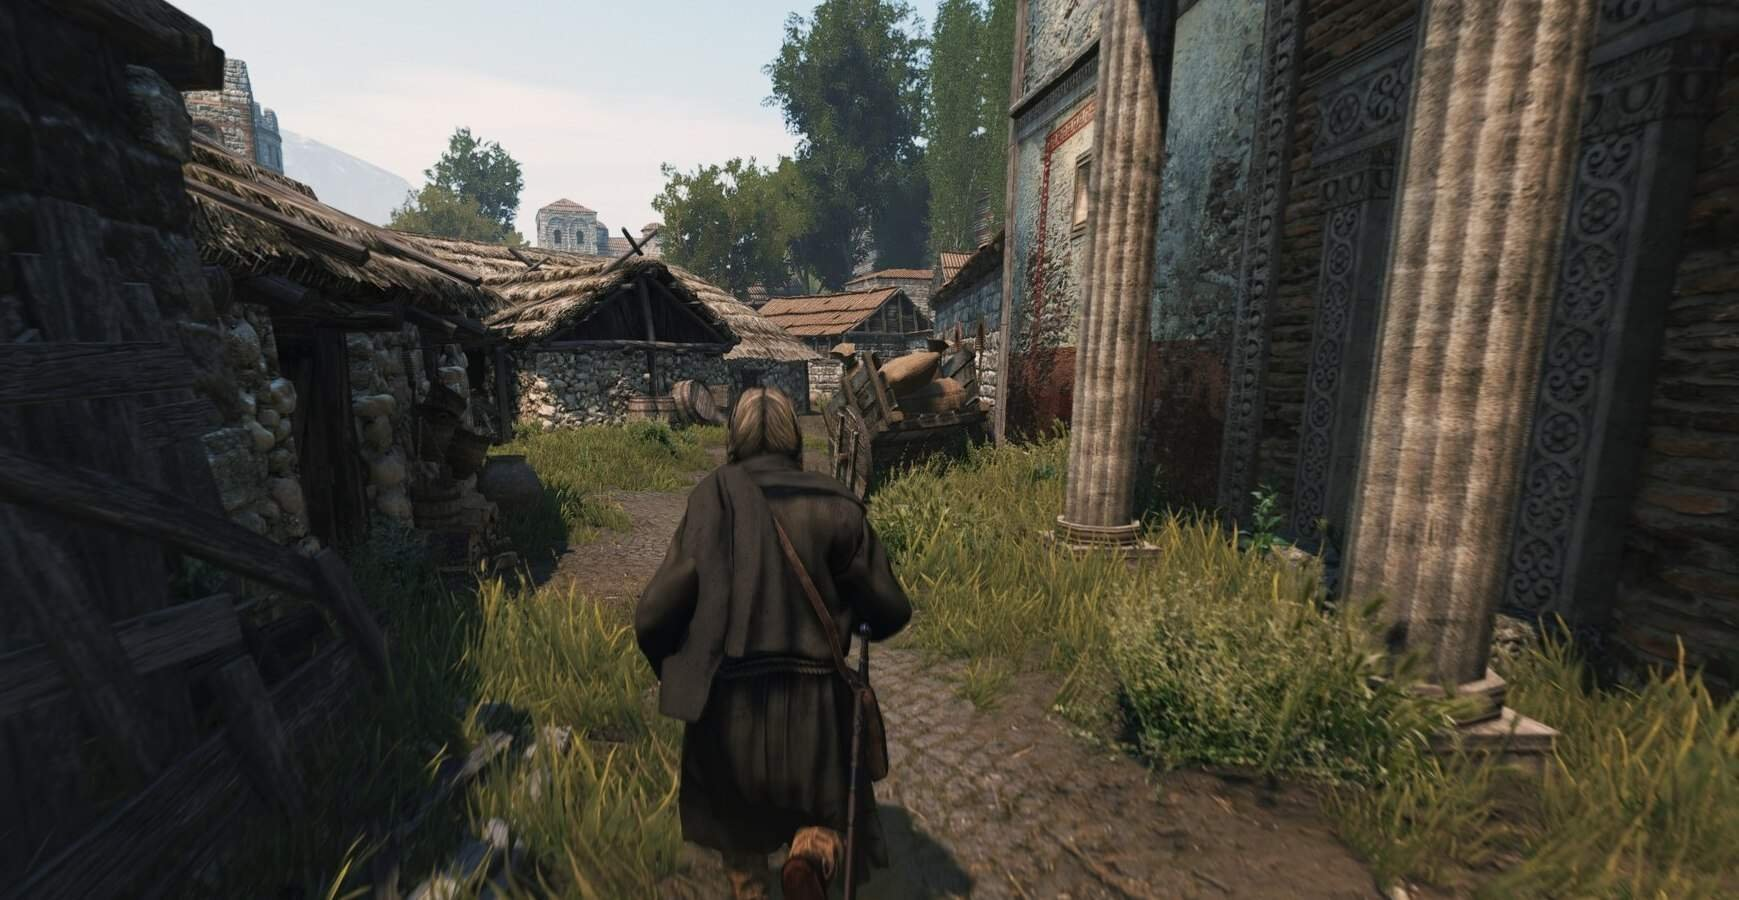 Inside a Settlement